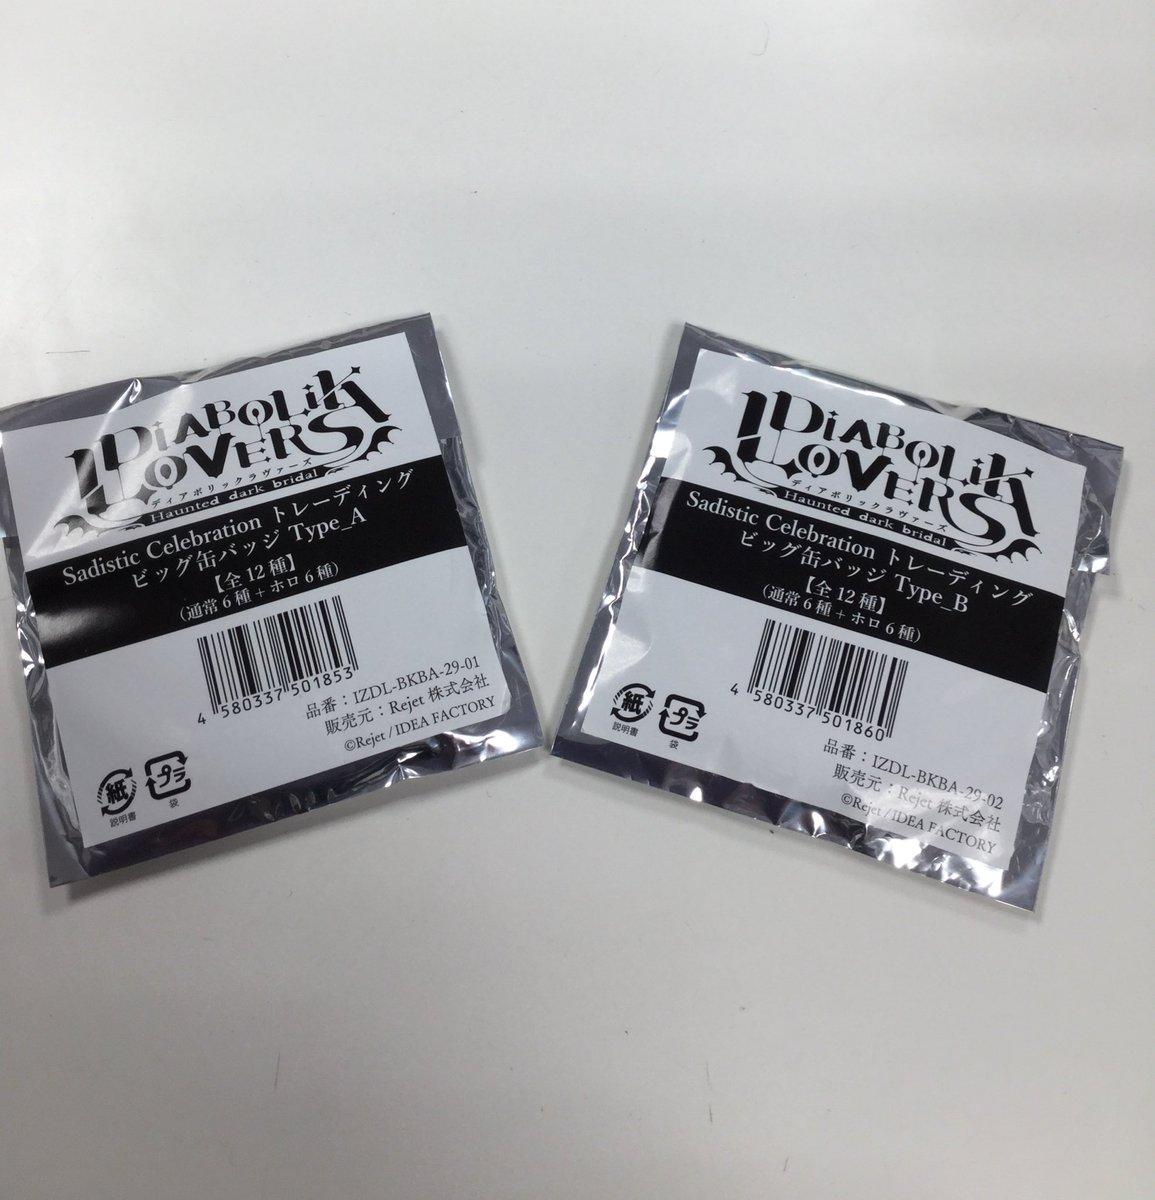 【グッズ入荷情報】『DIABOLIK LOVERS』トレーディング缶バッジ各種入荷しました!